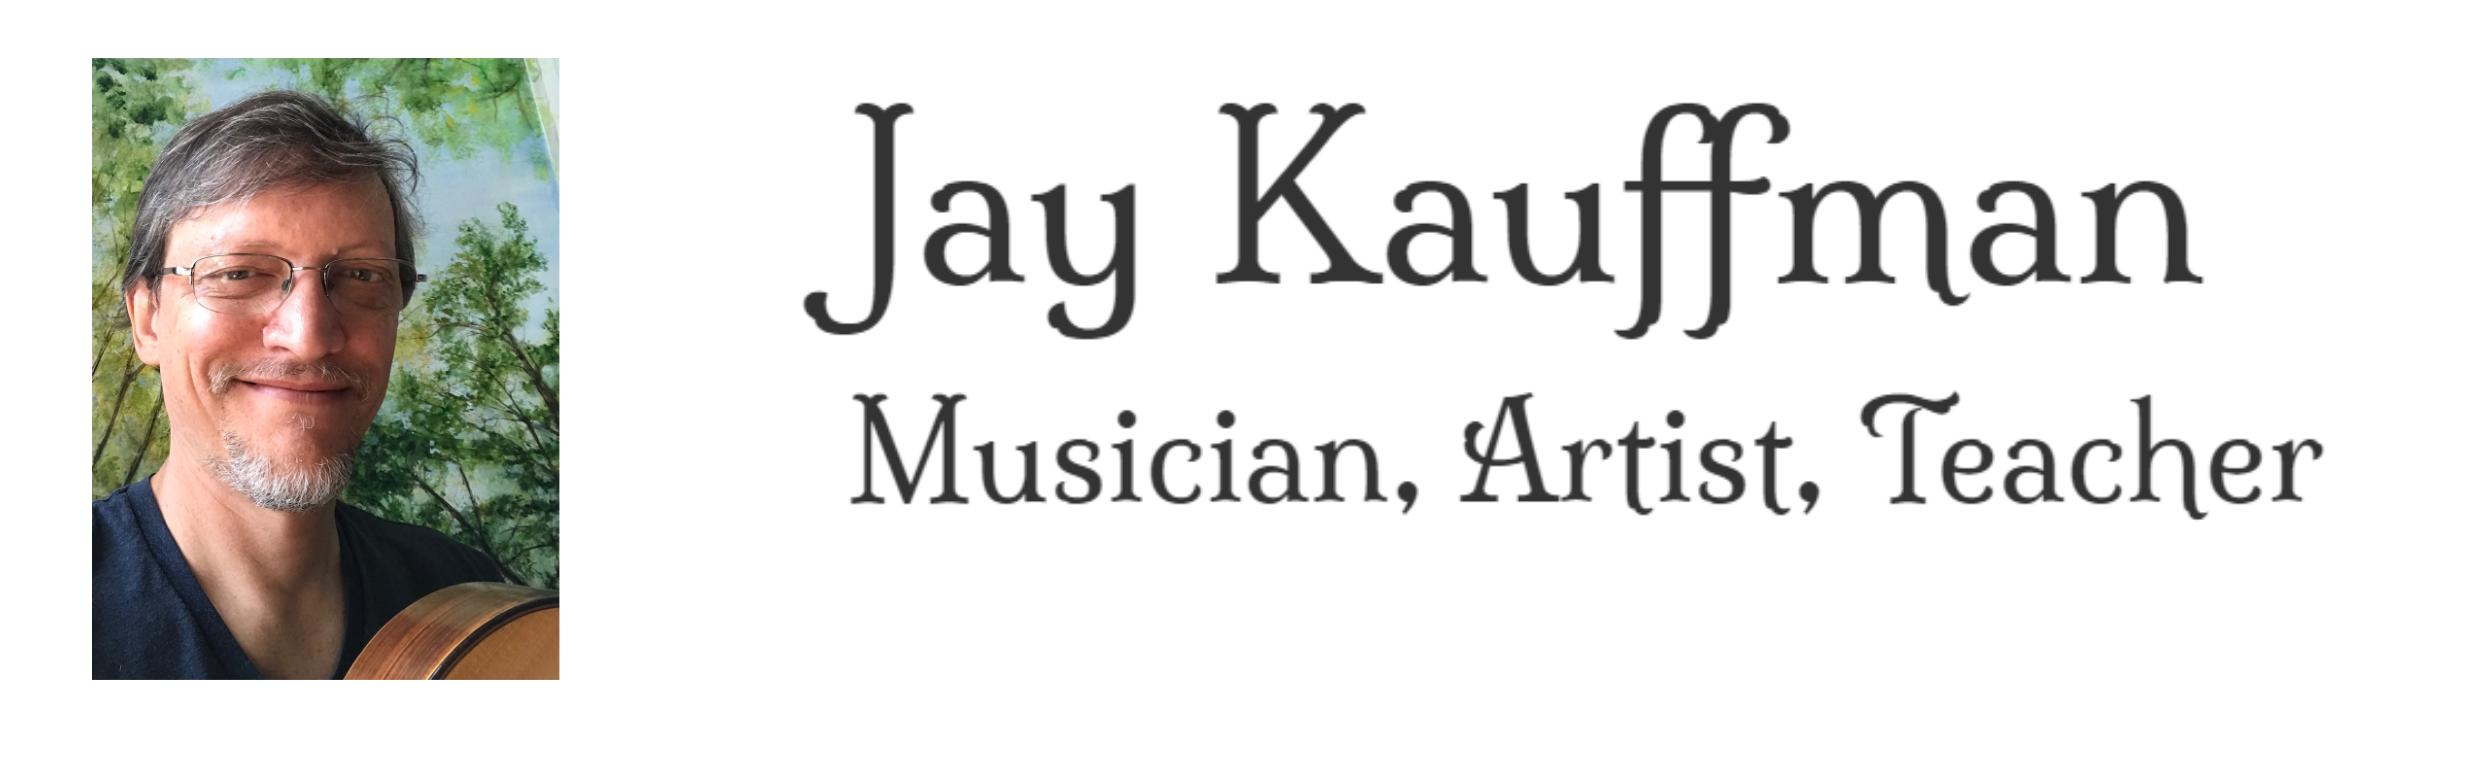 Jay Kauffman